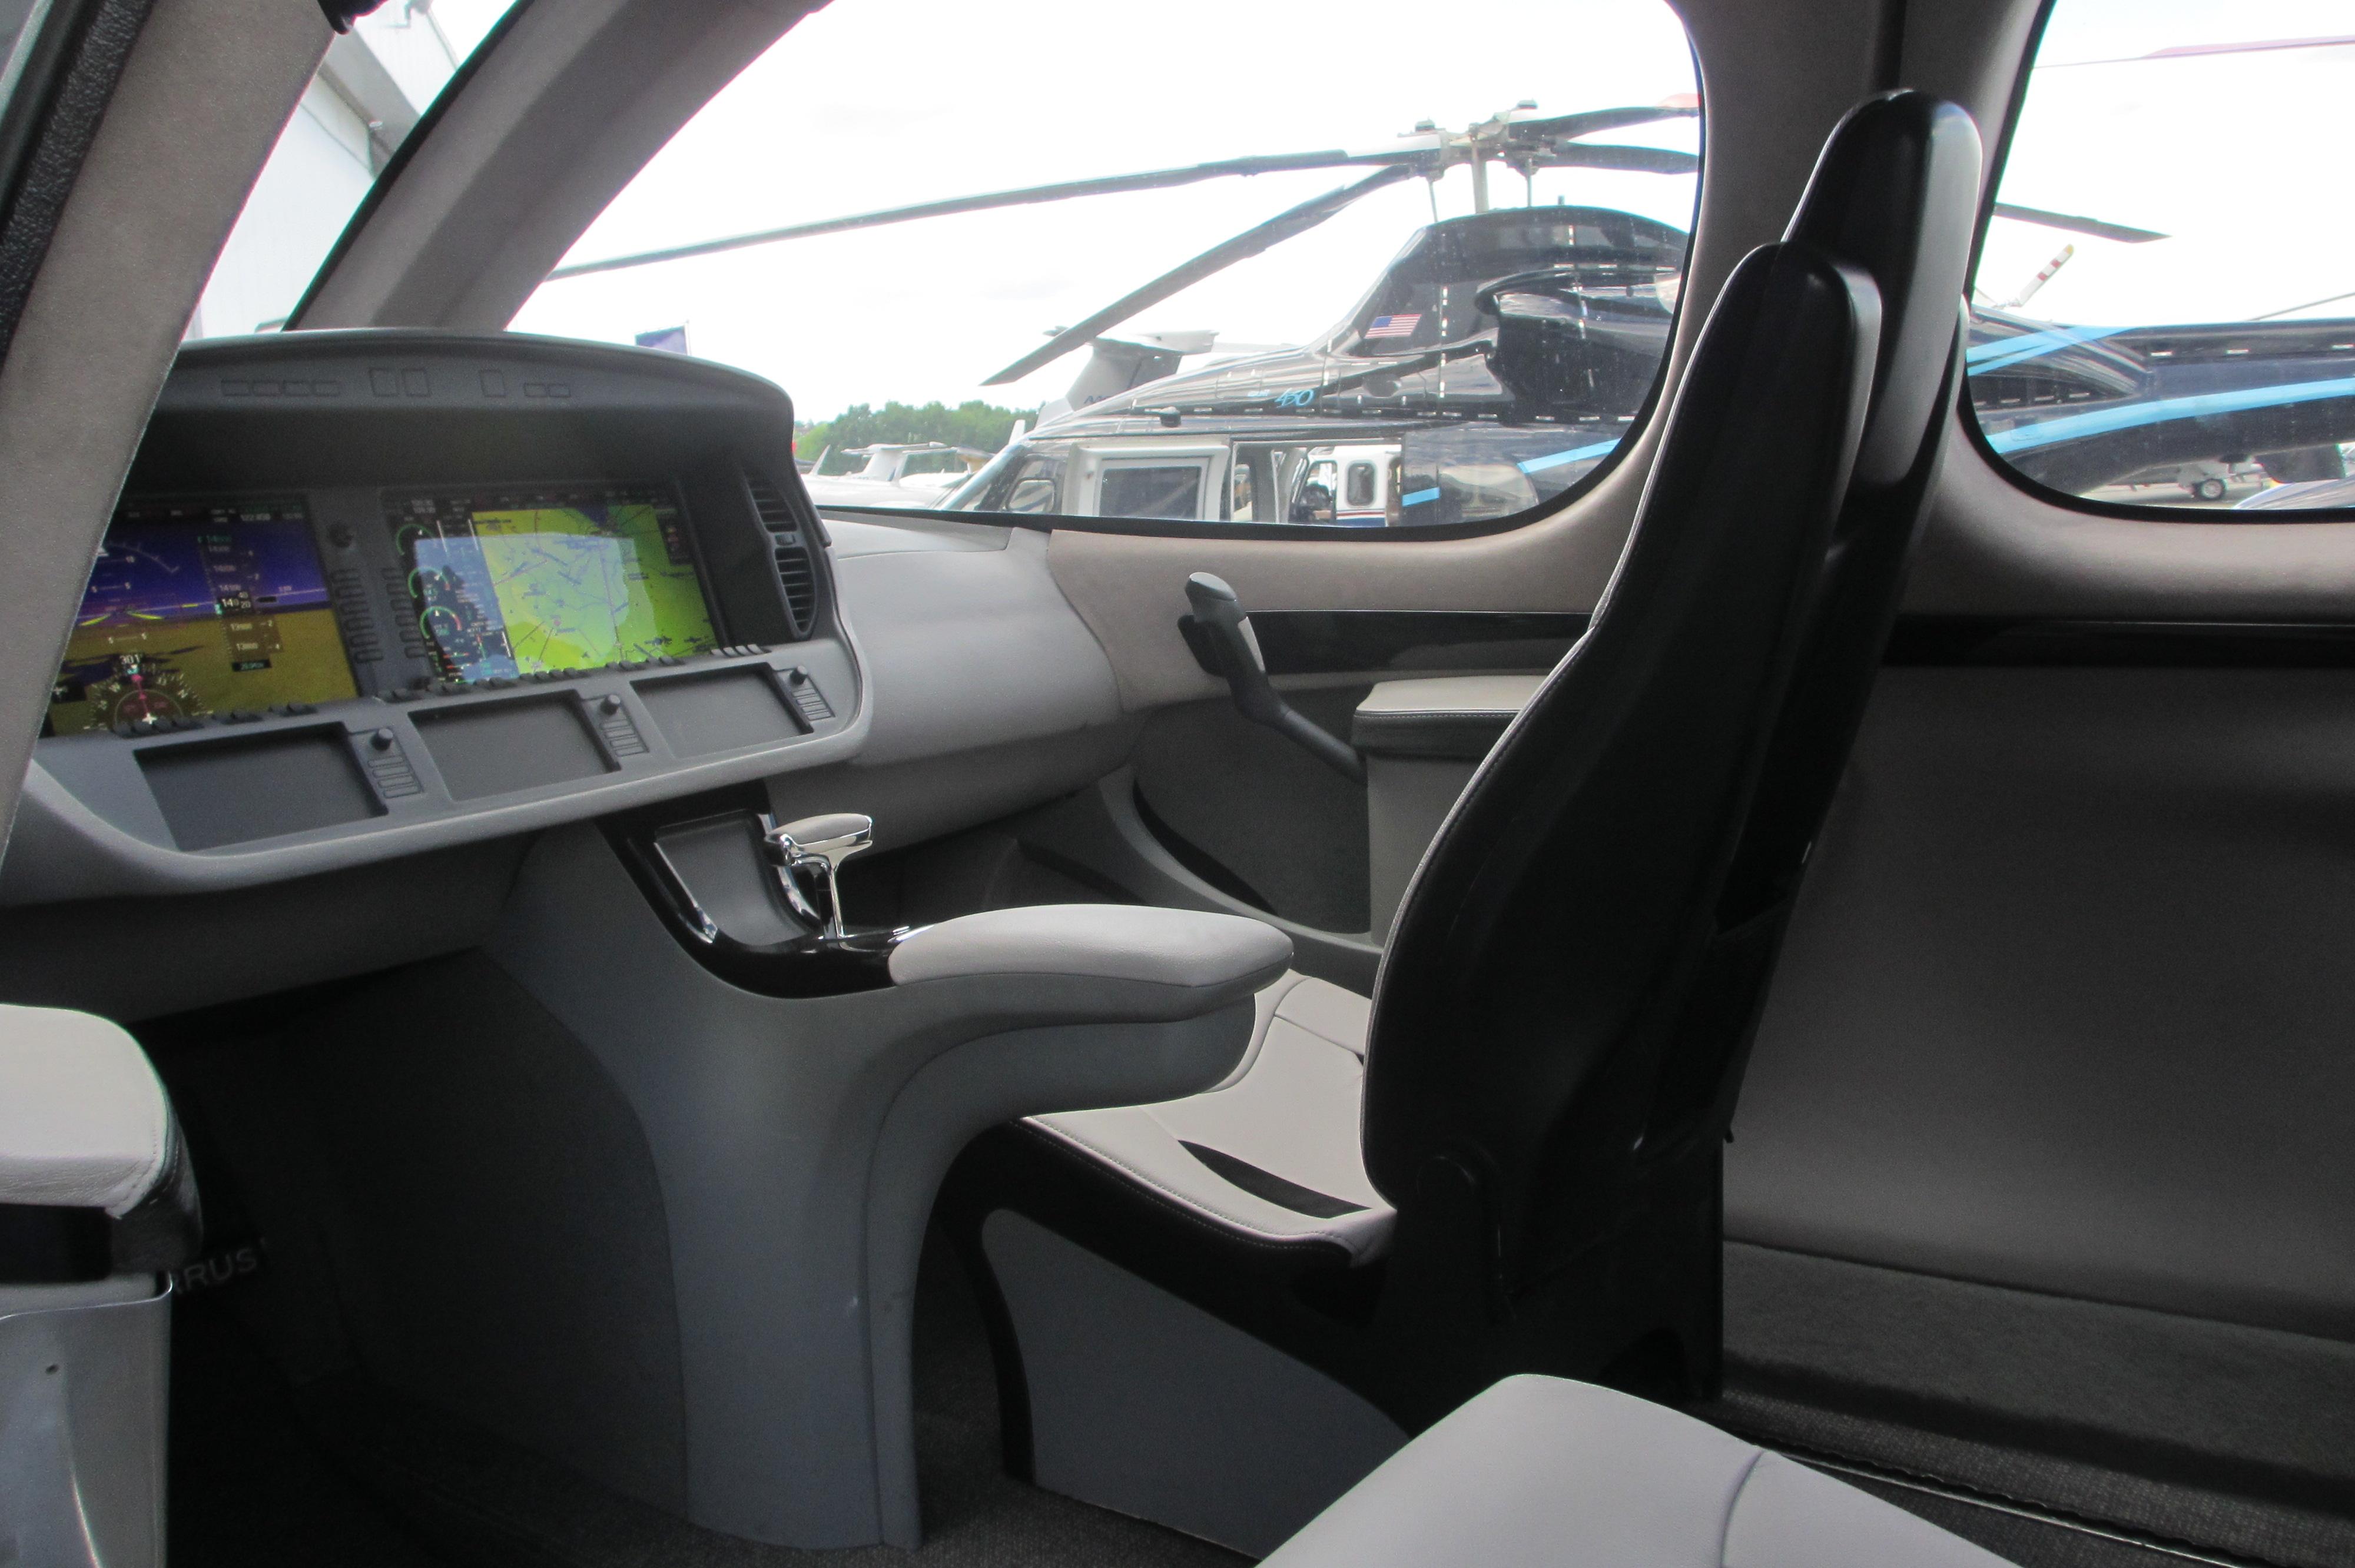 Private Plane Interior Design